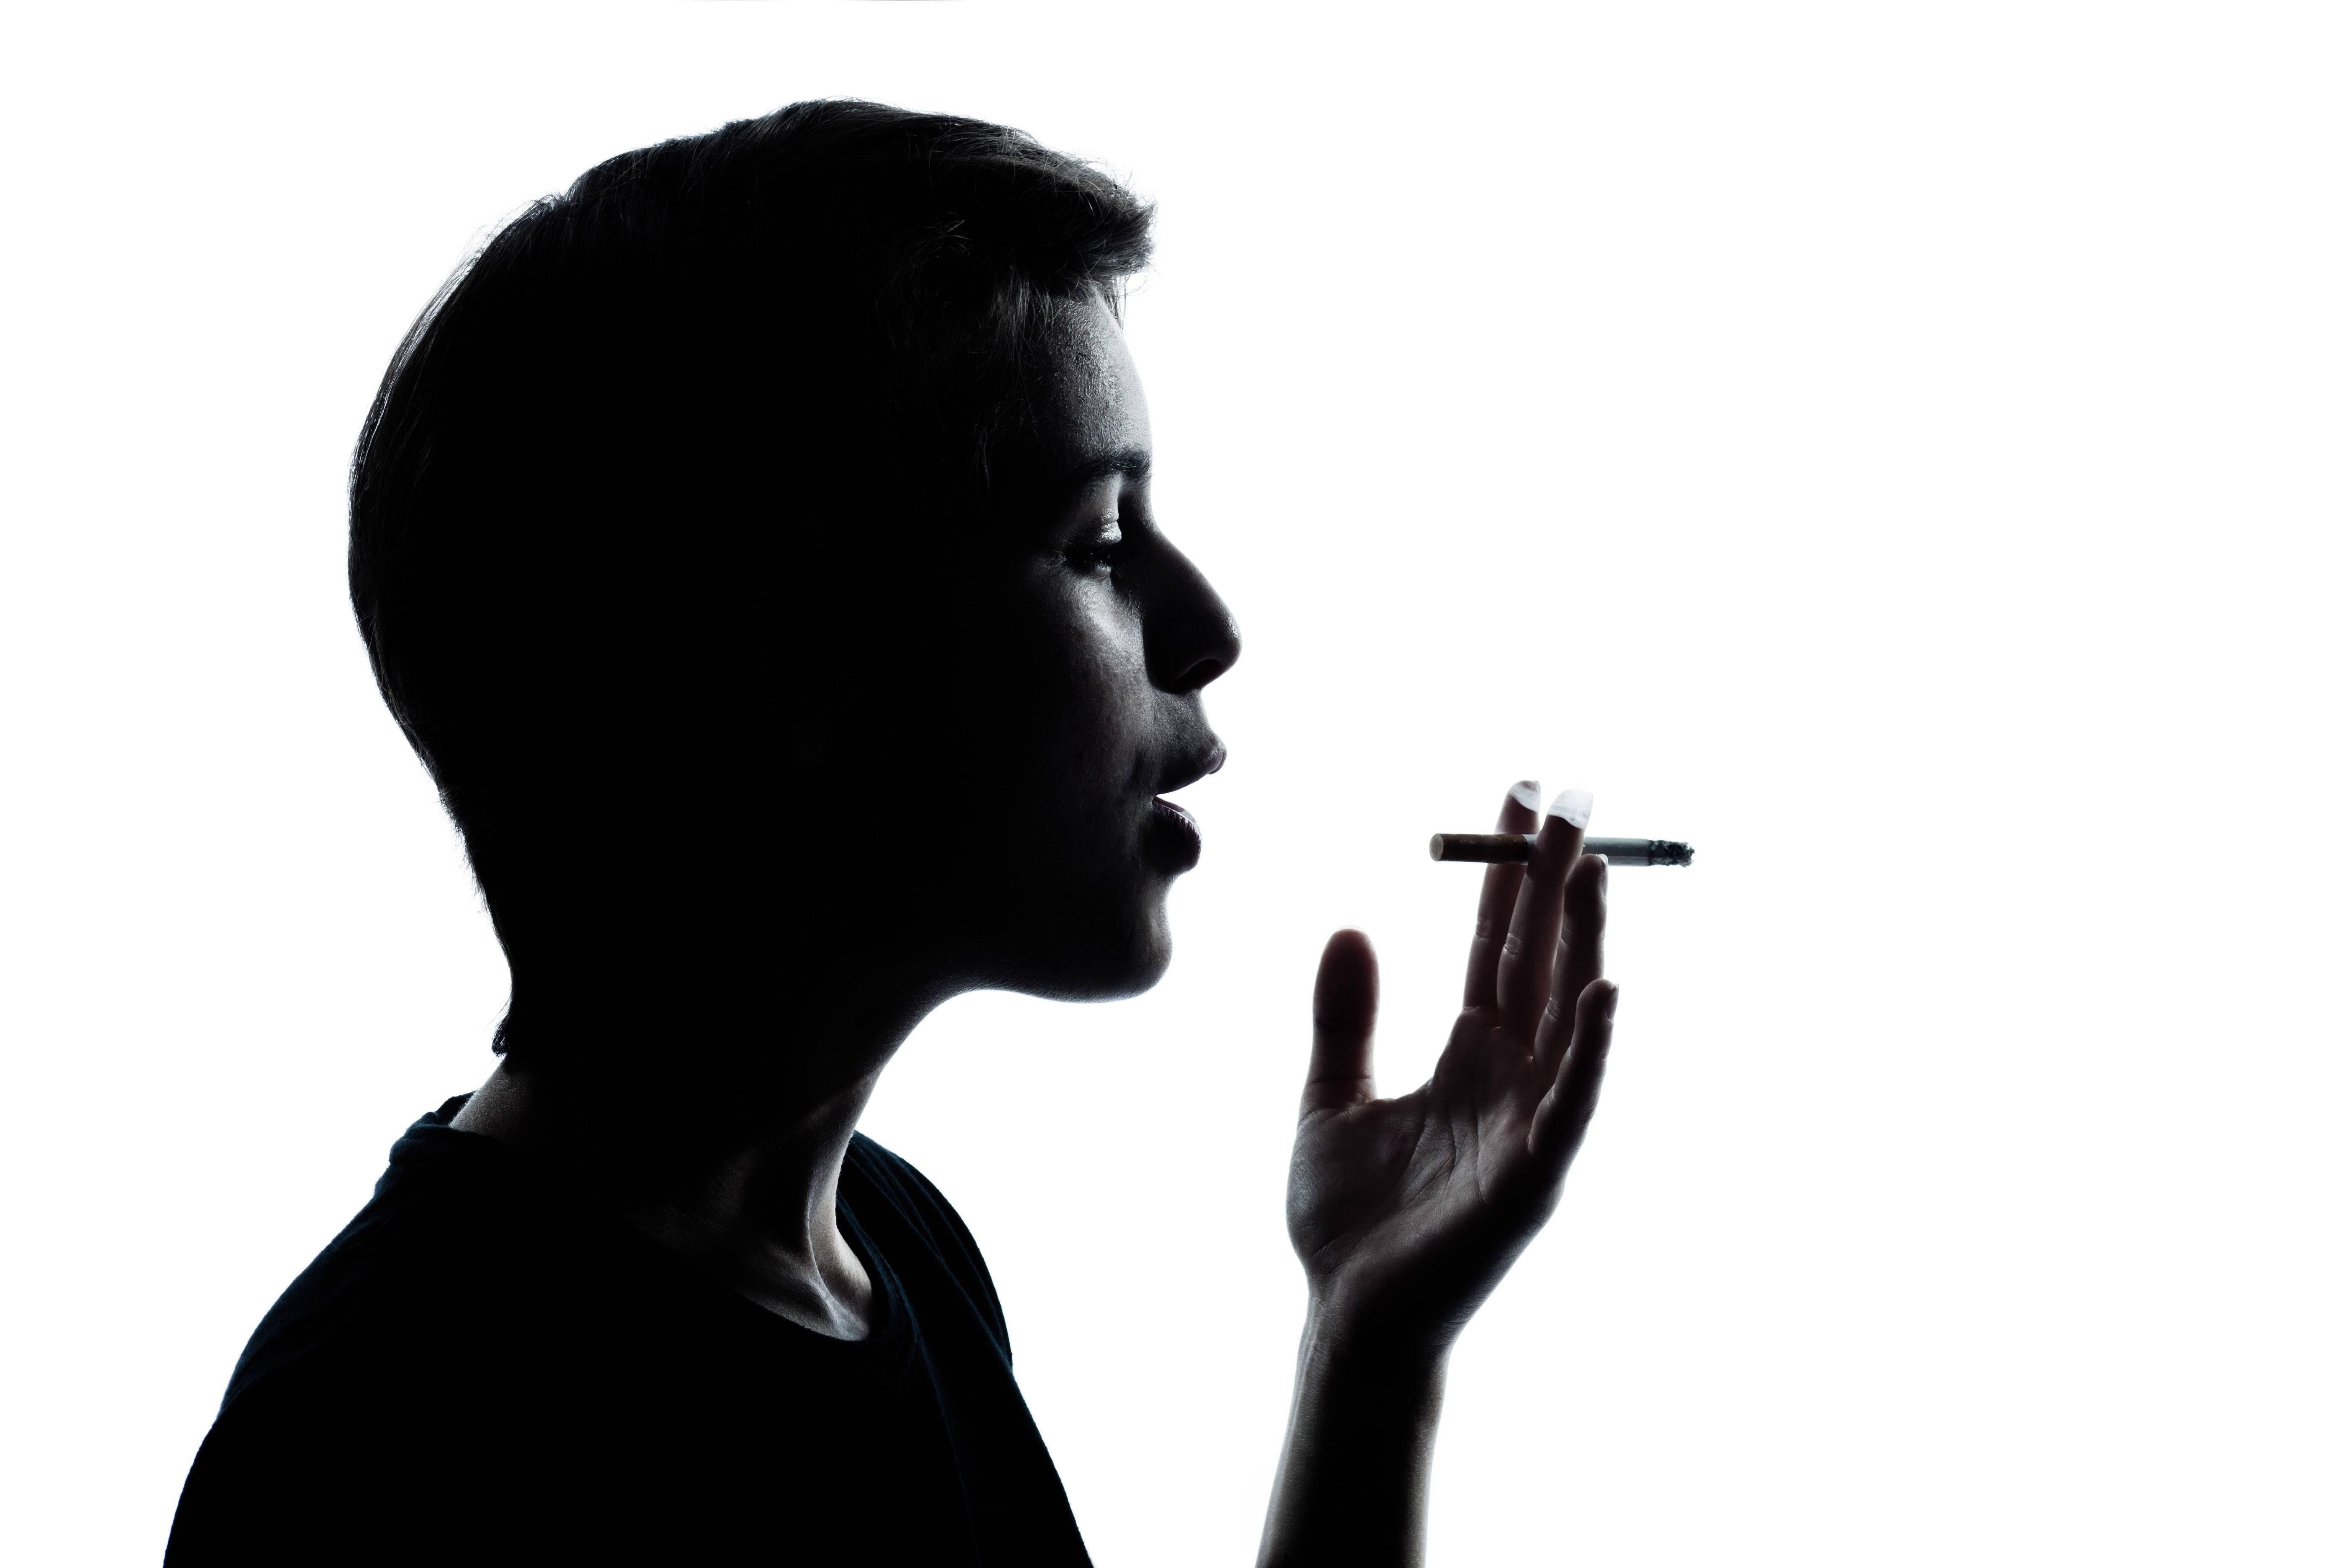 Курение и бодибилдинг: совместимы ли эти понятия?